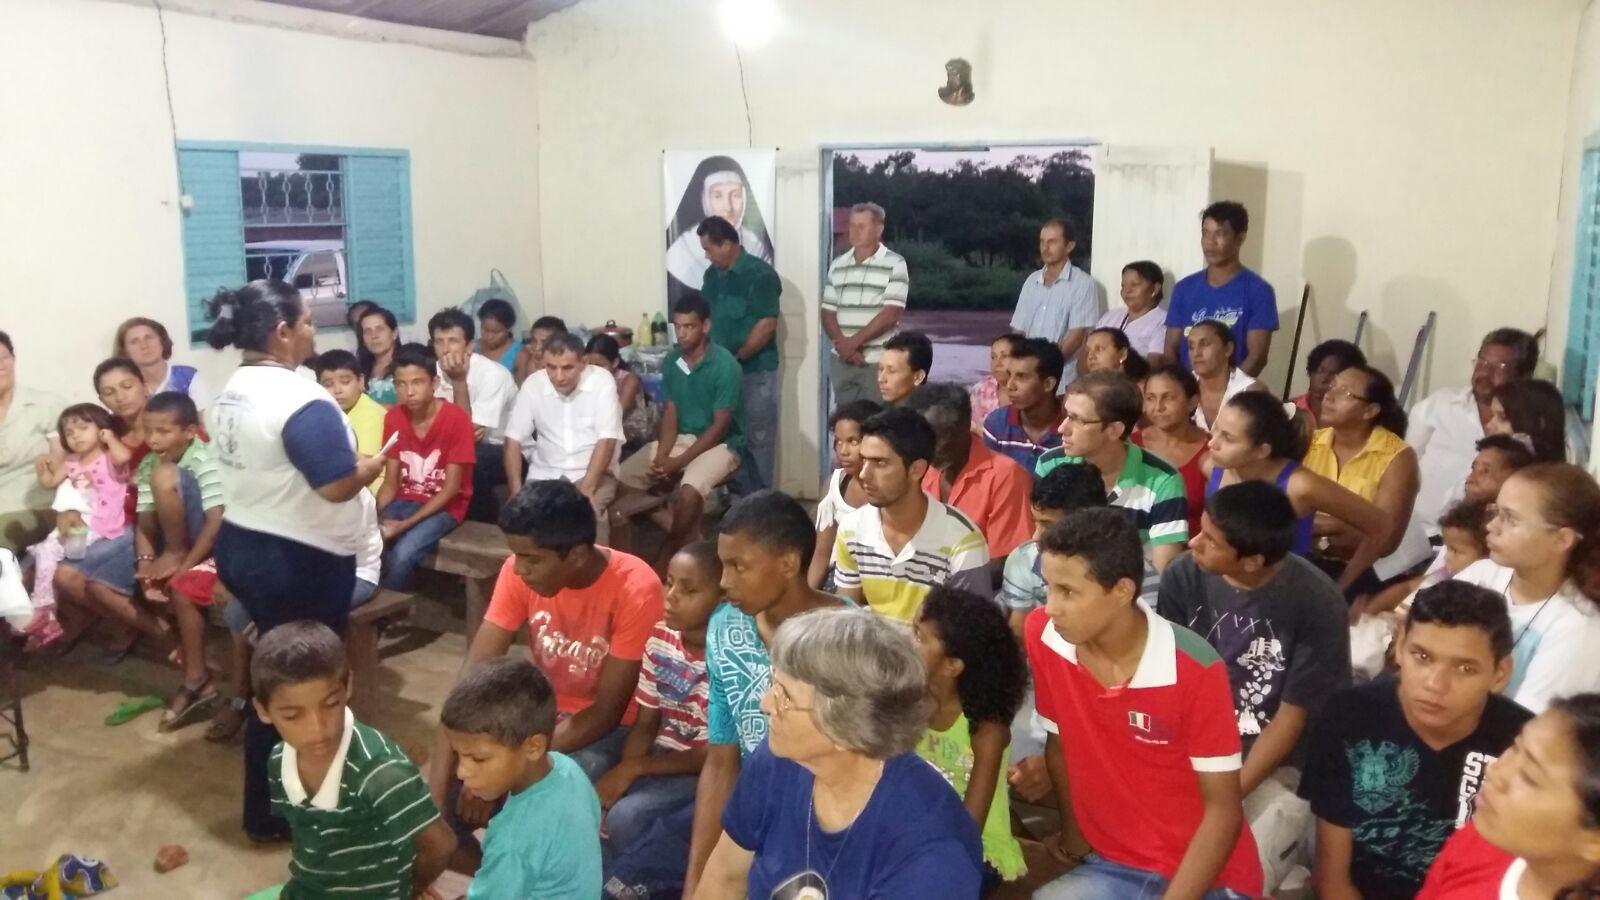 Semaine Pastorale : Assentamento Paiol